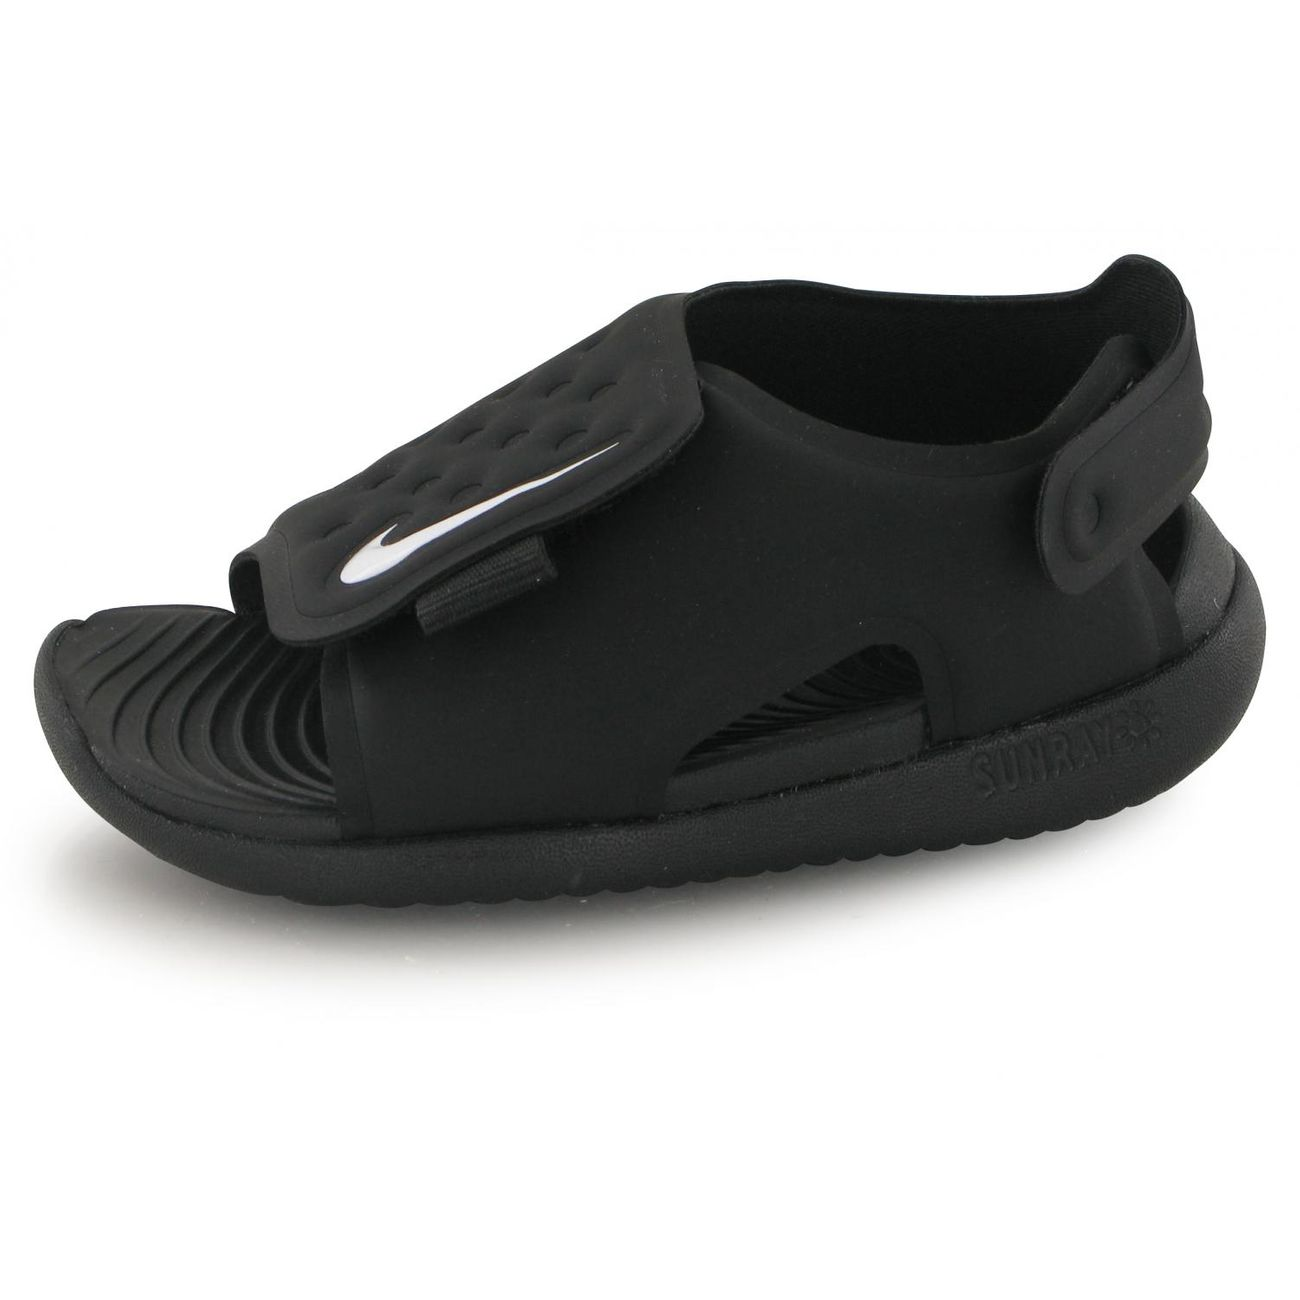 Mode- Lifestyle enfant NIKE Nike Sunray Adjust 5 Td